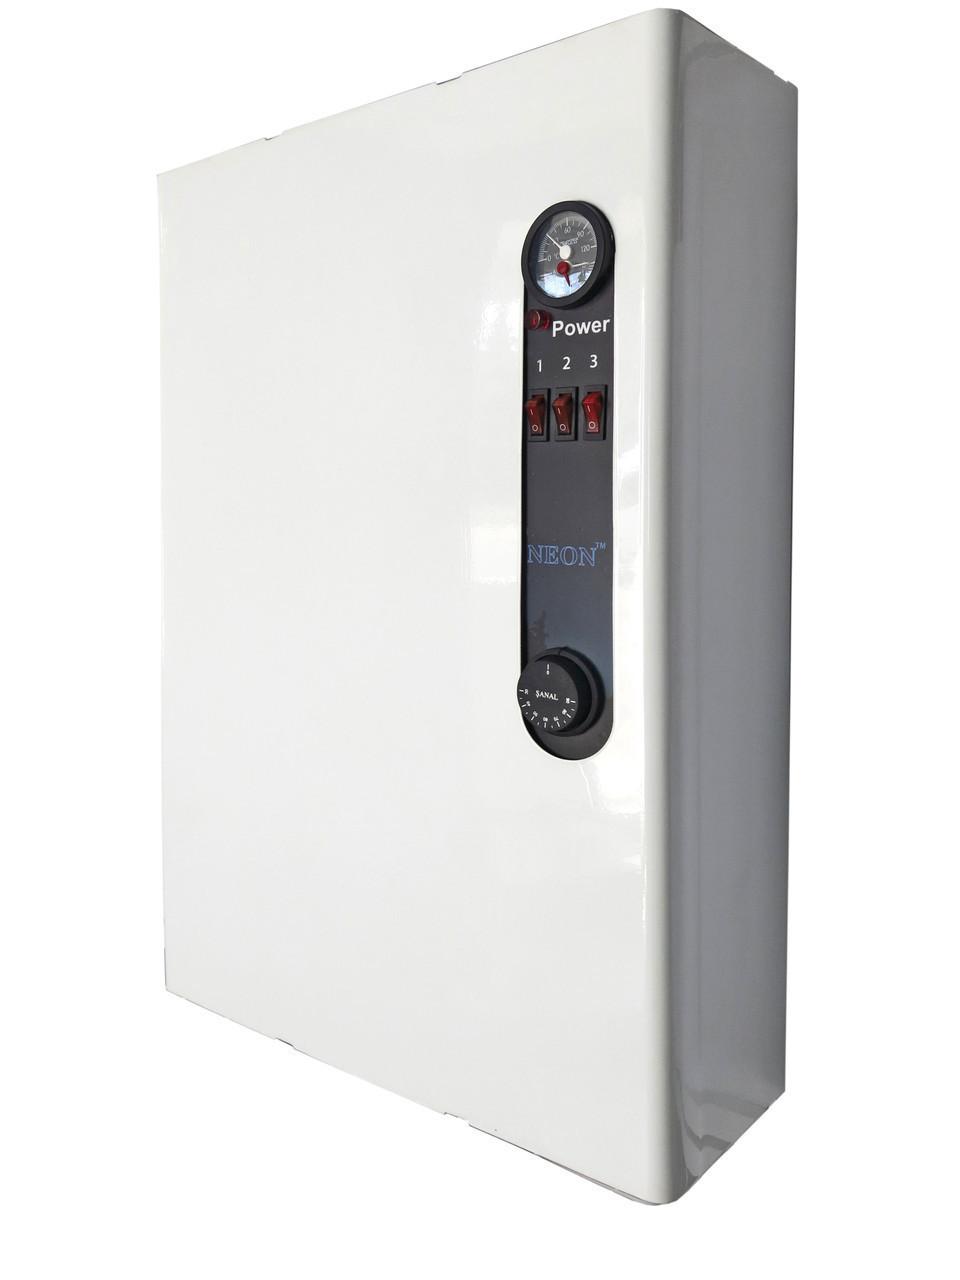 Котел электрический NEON PRO 18 кВт 380V магнитный пускатель